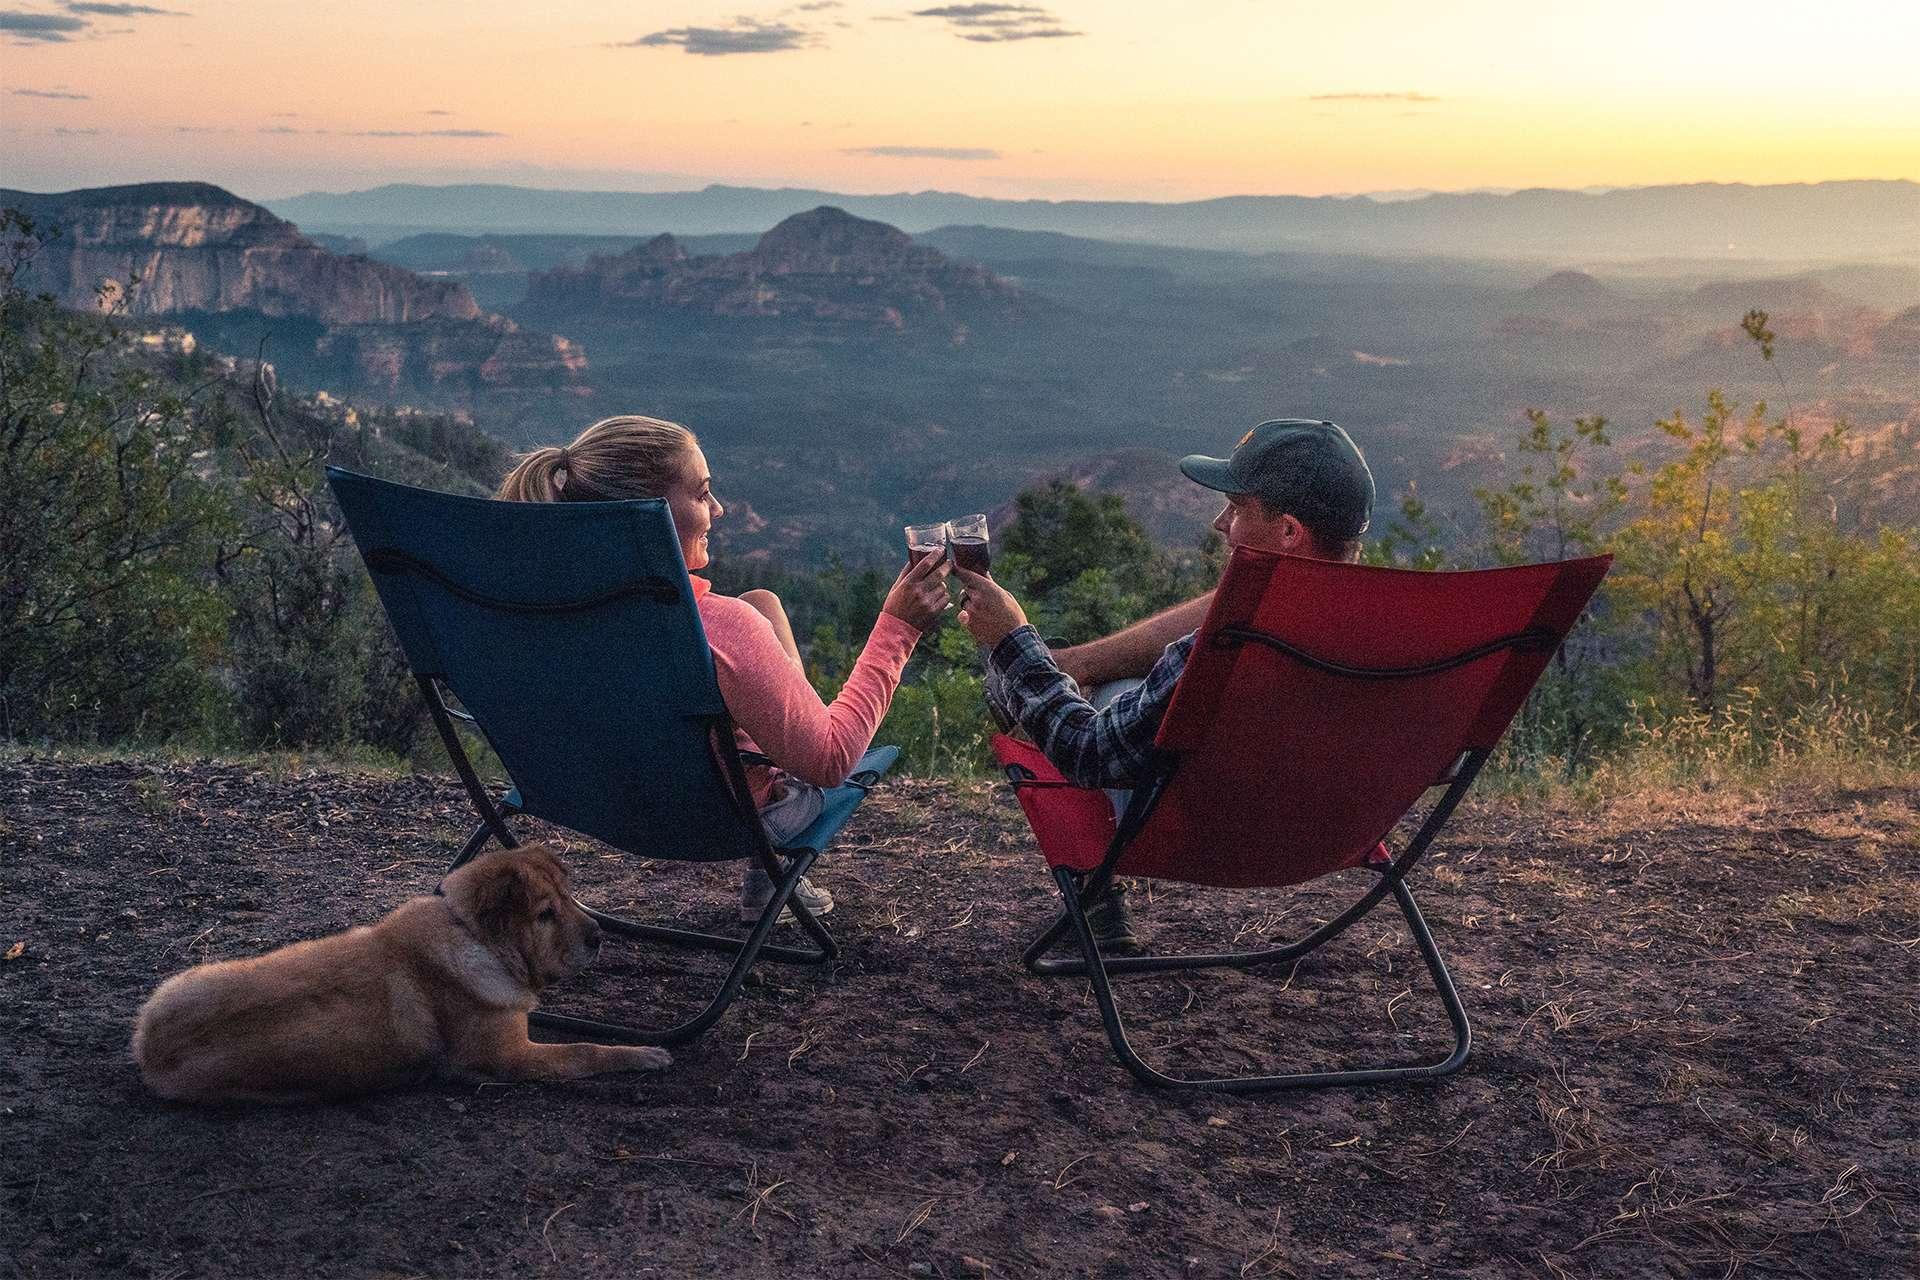 Bild eines Pärchens beim Camping mit einem Hund.